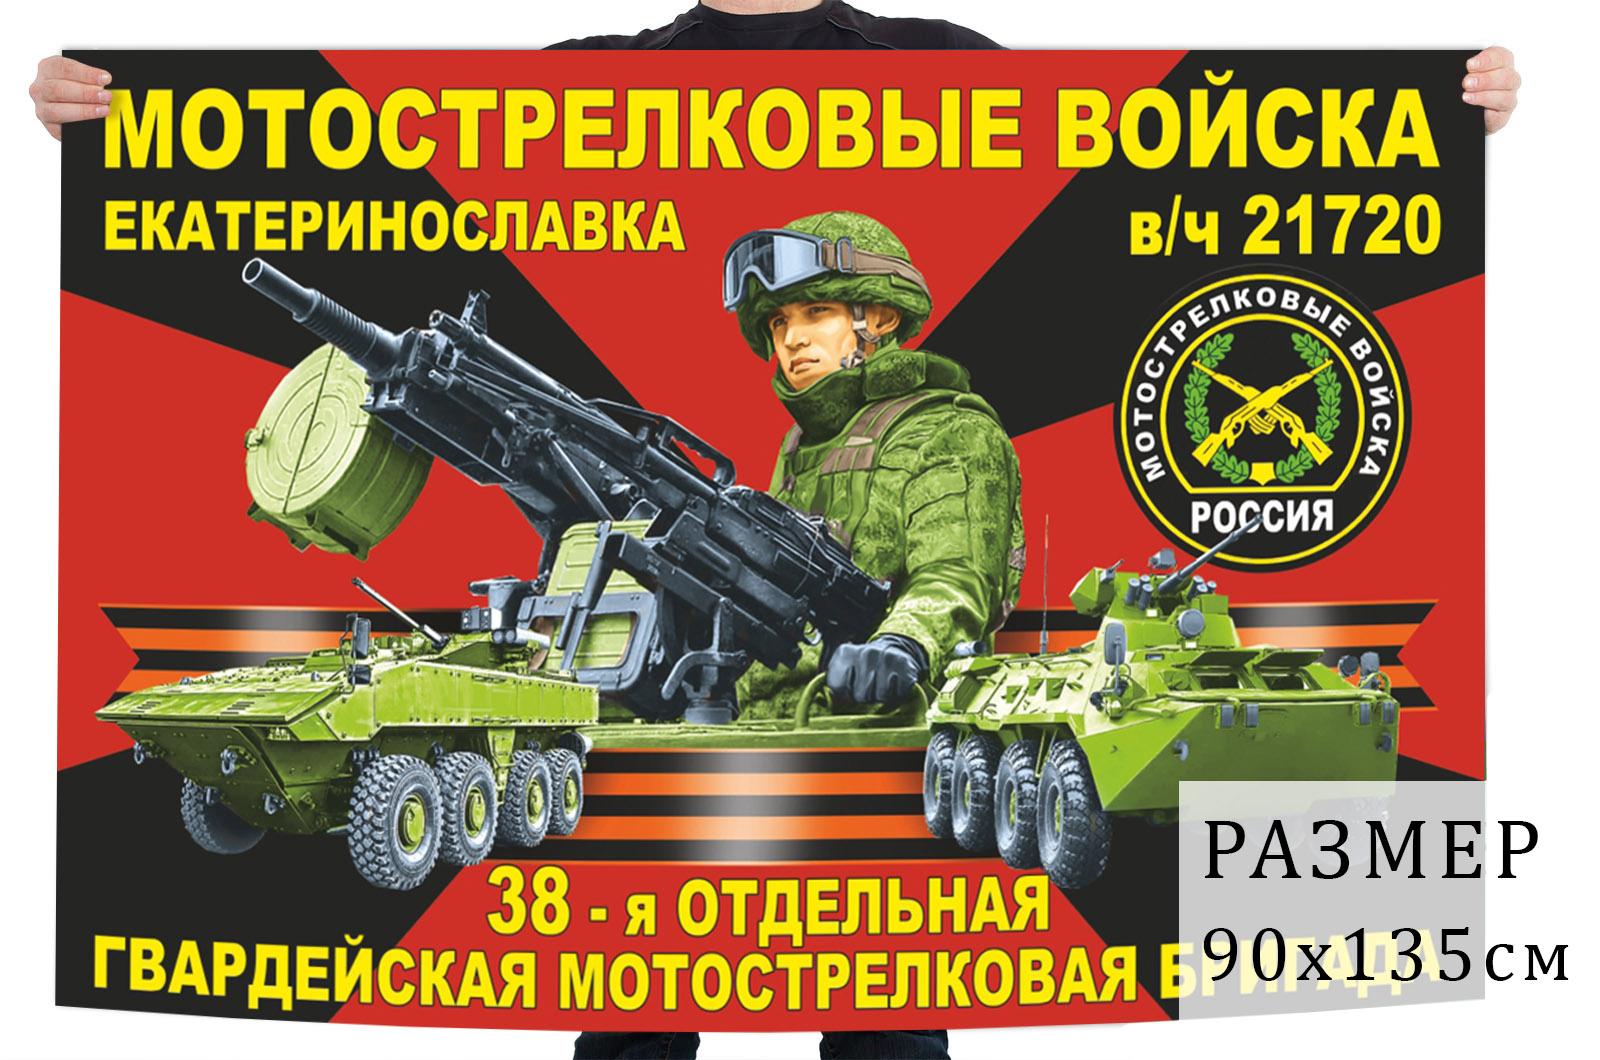 Флаг 38 отдельной гвардейской мотострелковой бригады